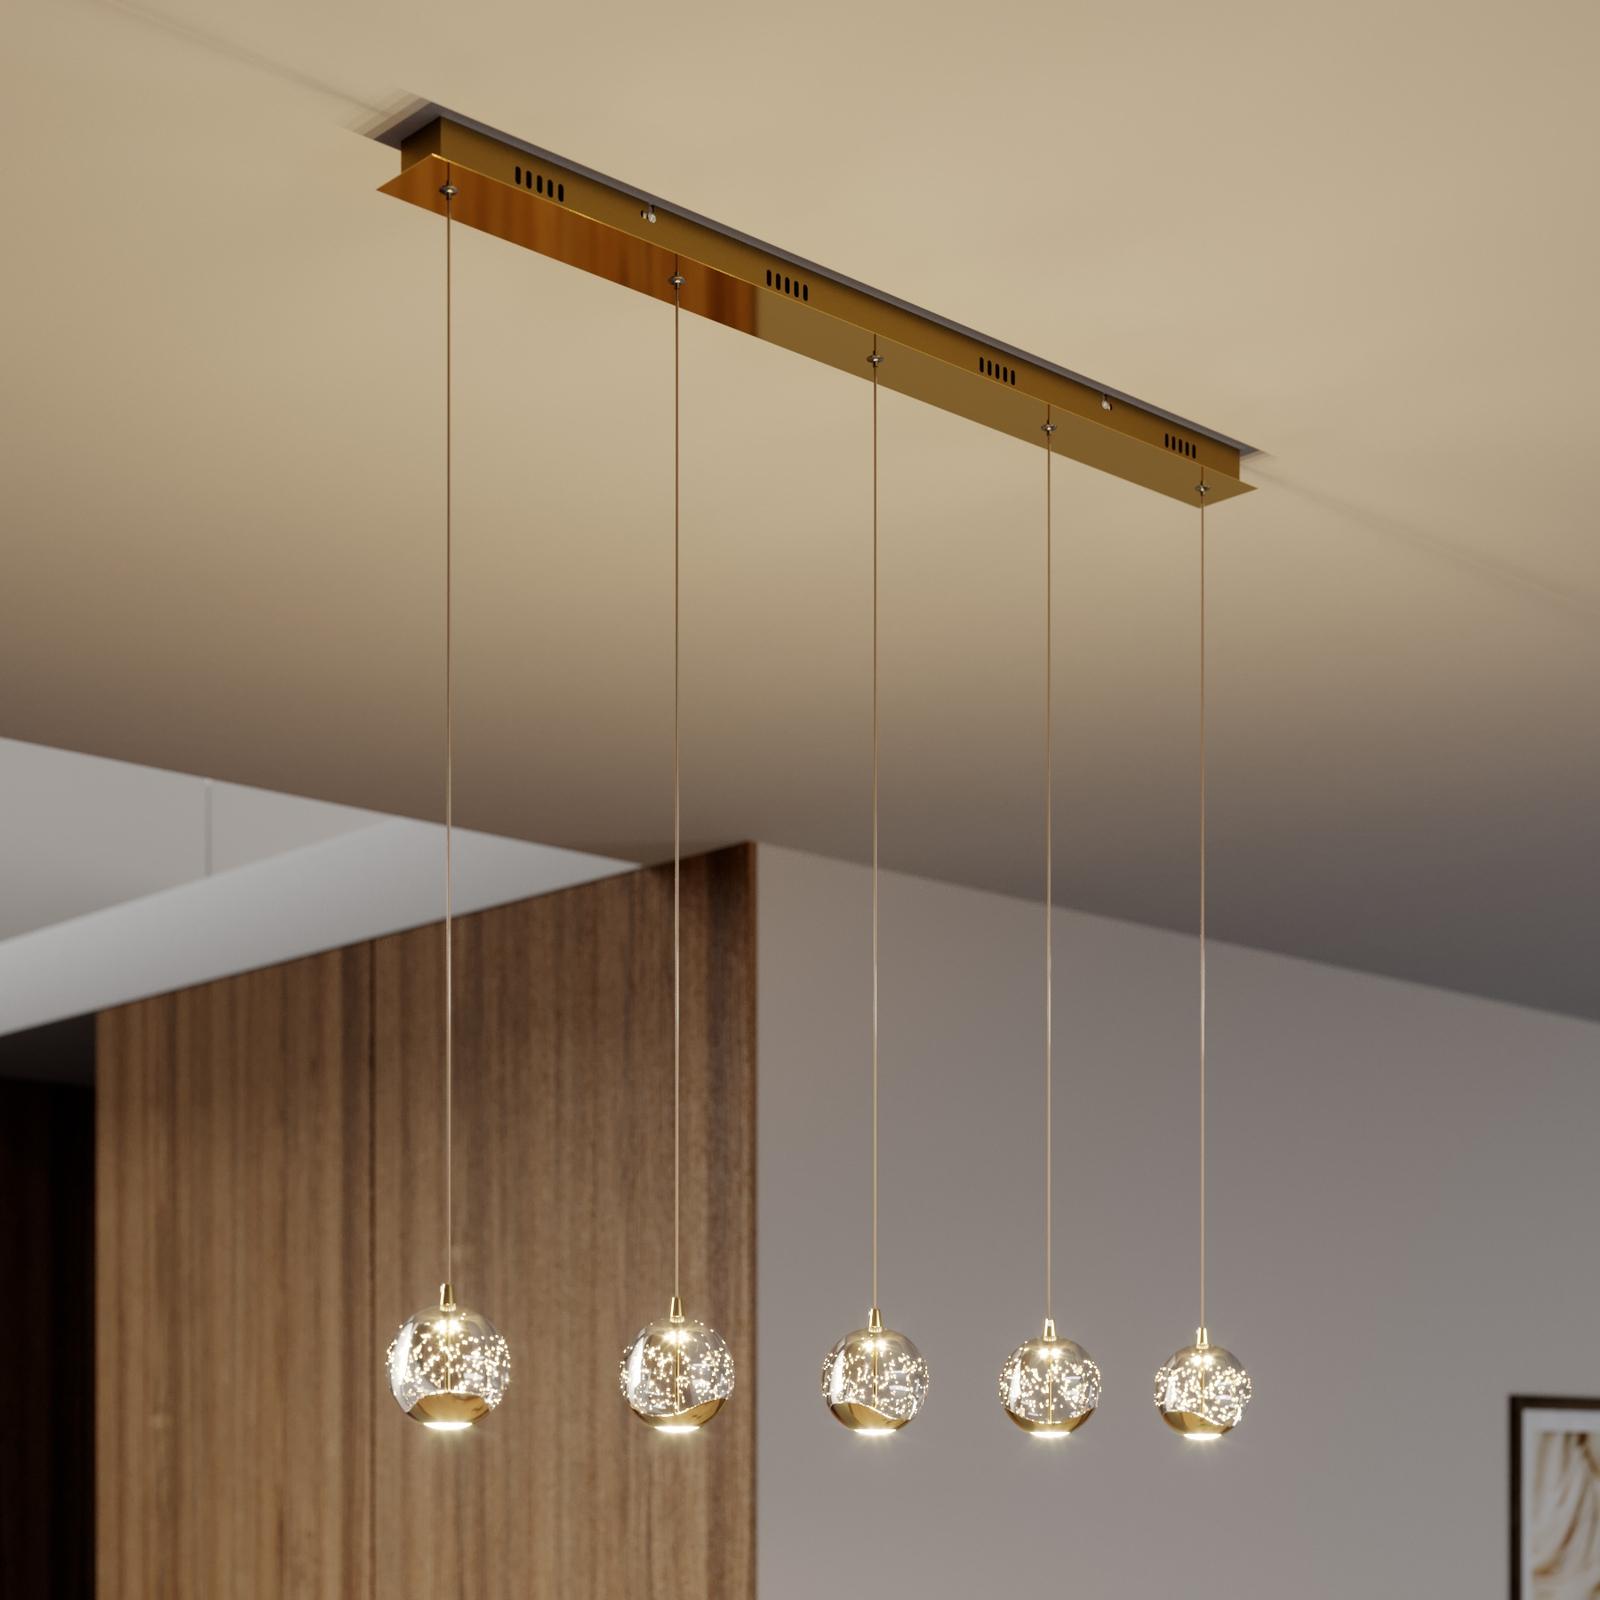 Hayley LED-pendellampe, 5 lyskilder, aflang, guld